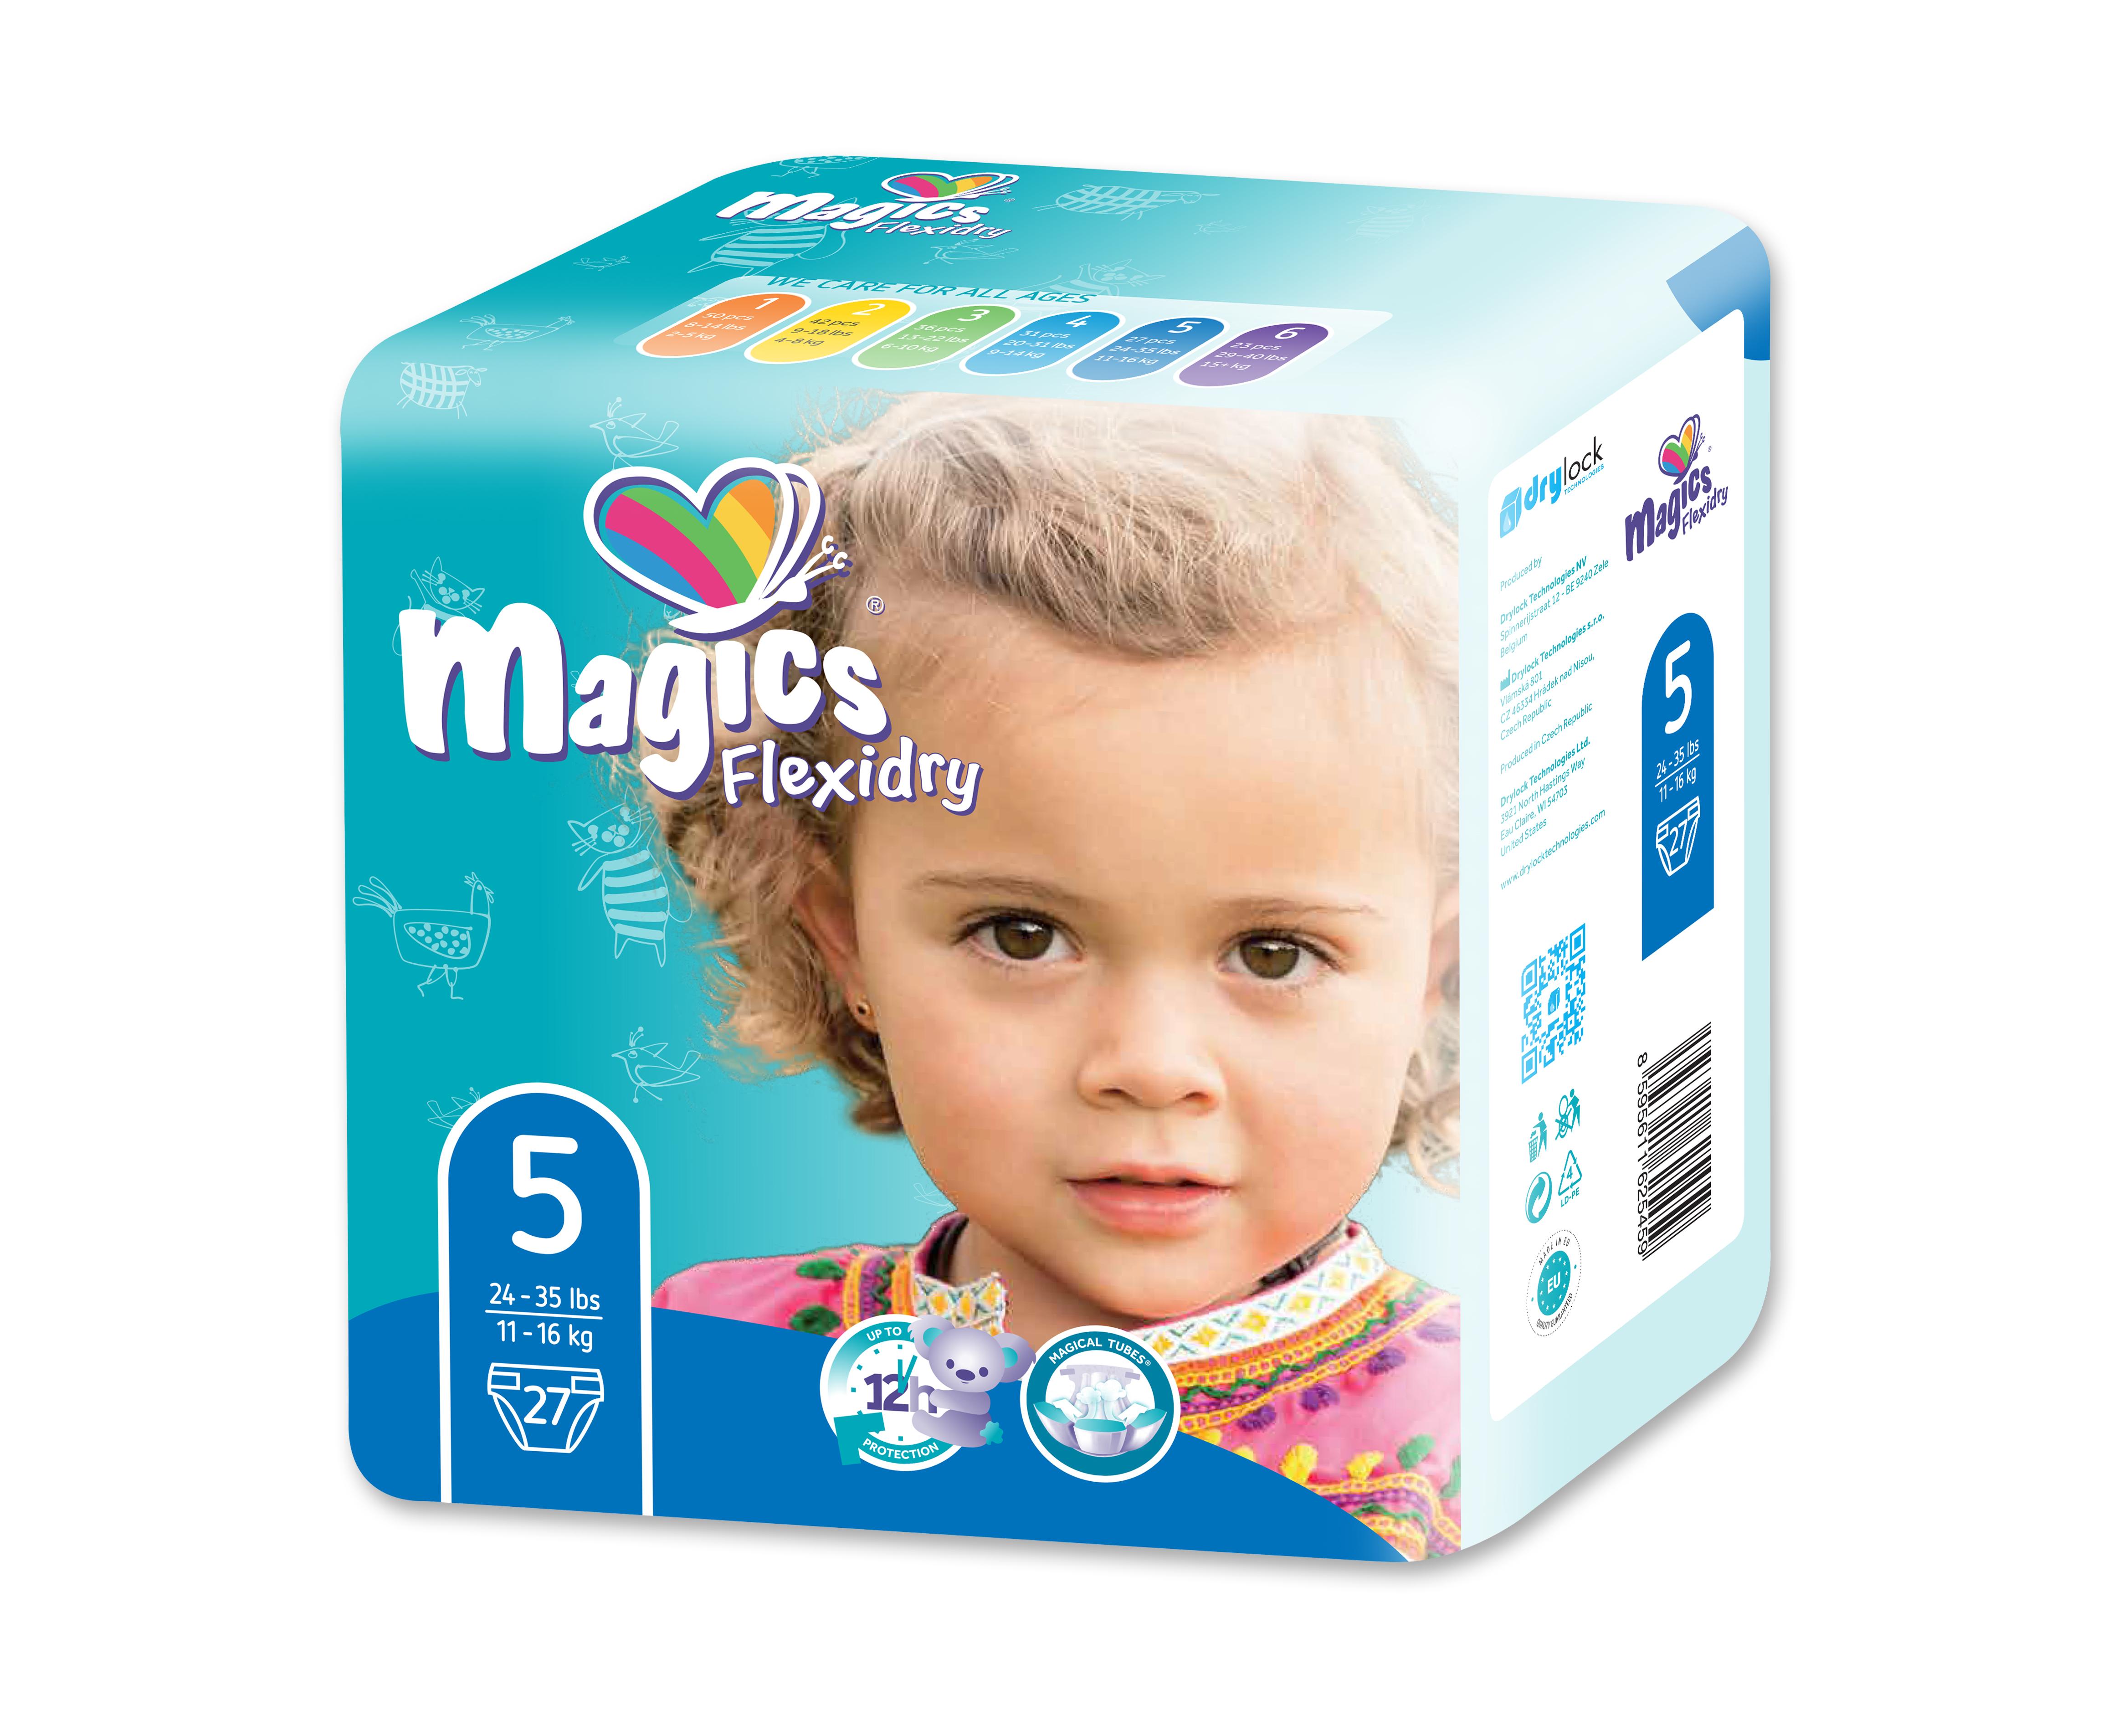 MAGICS Flexidry Junior 11-16 kg 27 ks